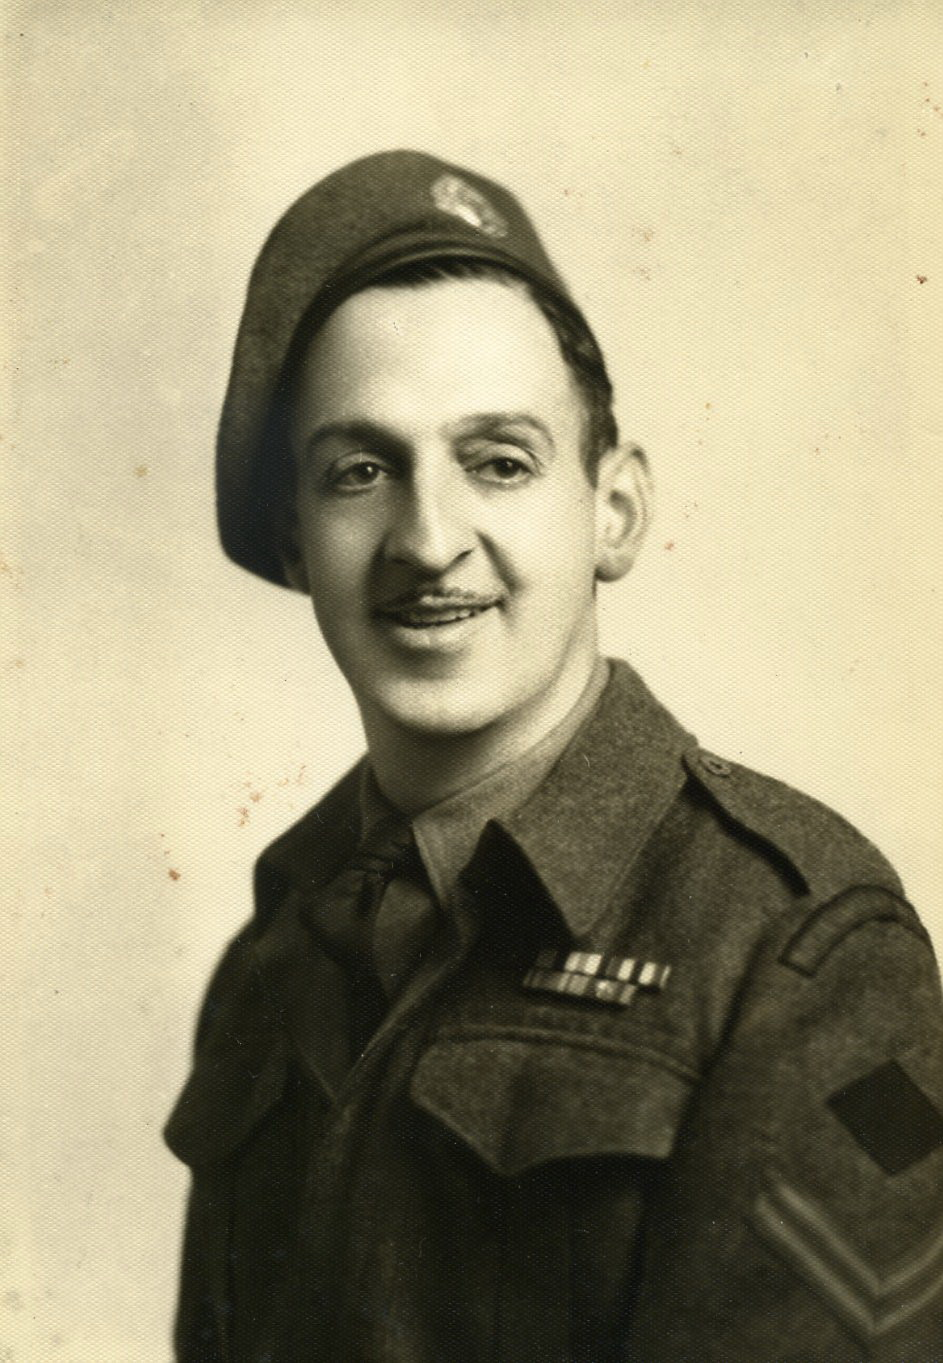 George Lepine